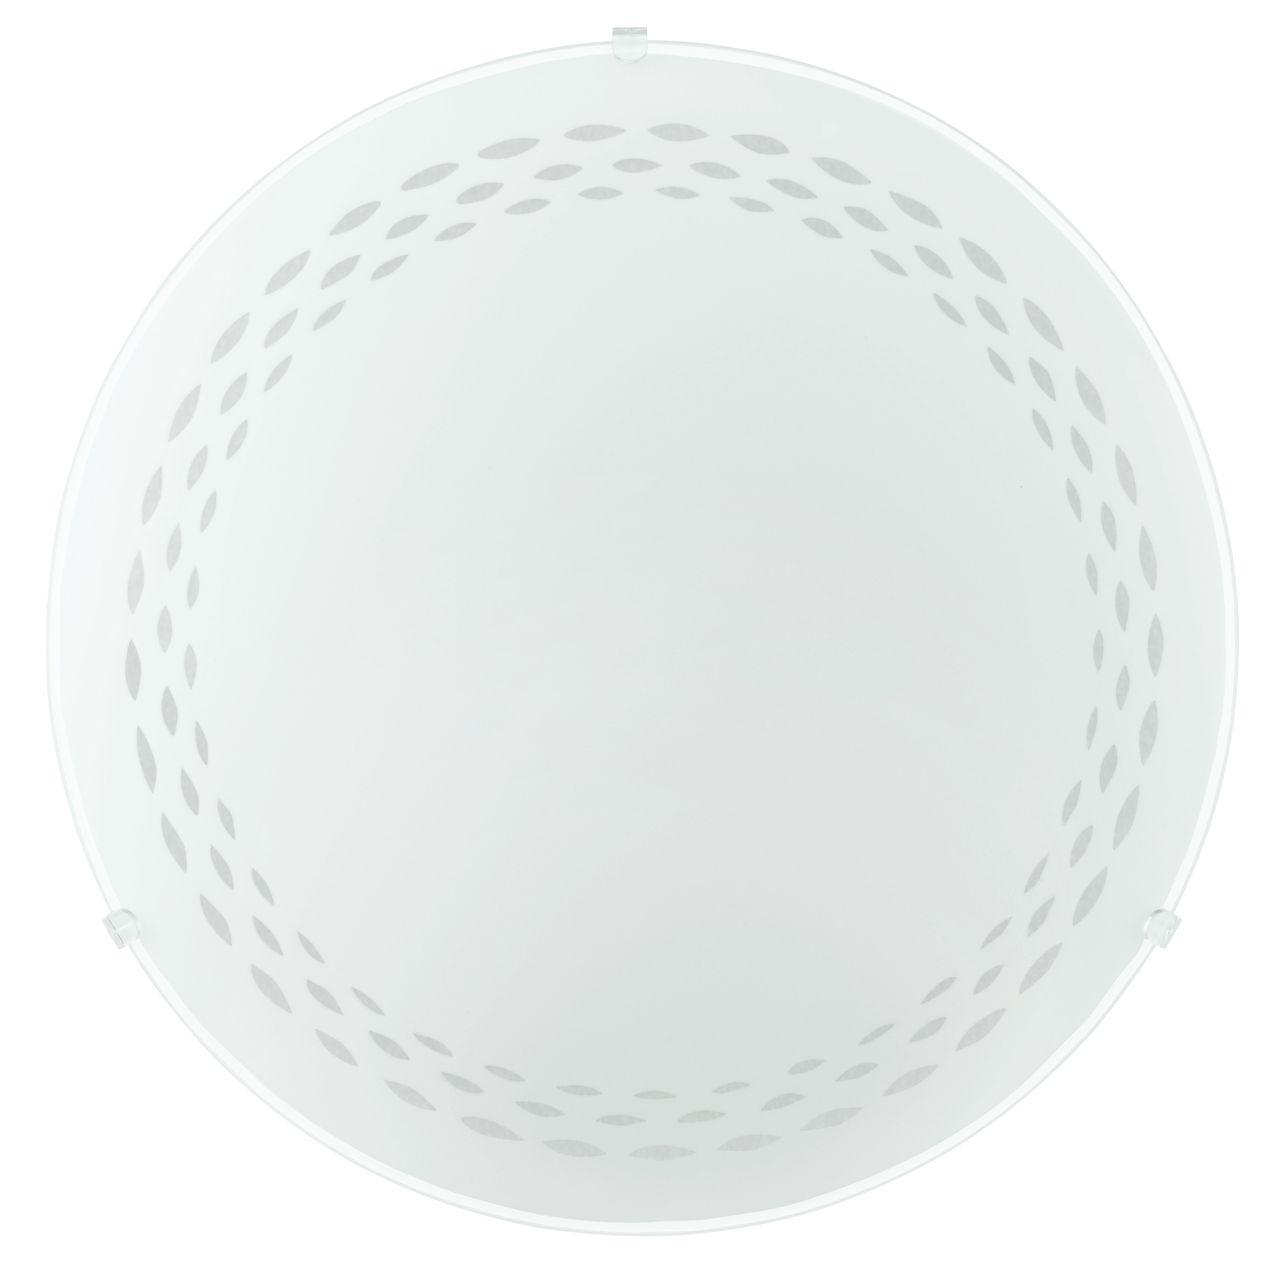 все цены на Потолочный светильник Eglo Twister 86875 онлайн